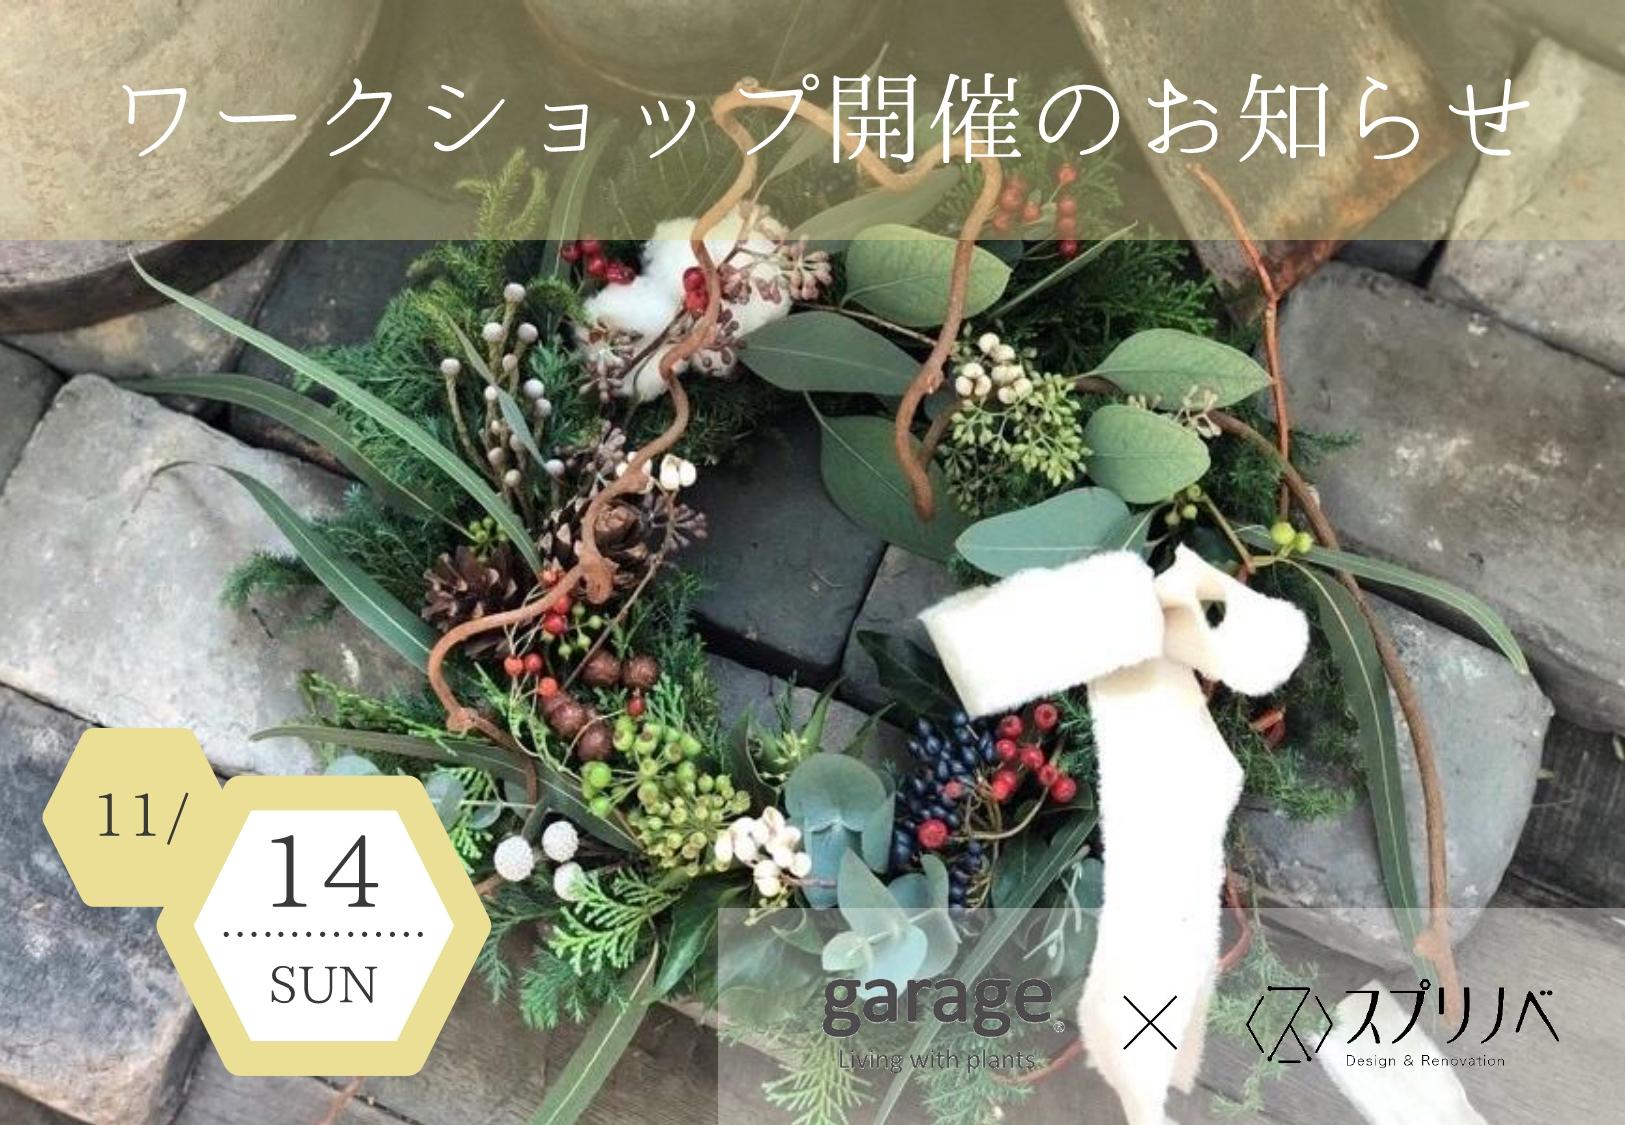 【クリスマスリースづくり体験】第2回garageの出張ワークショップ開催!